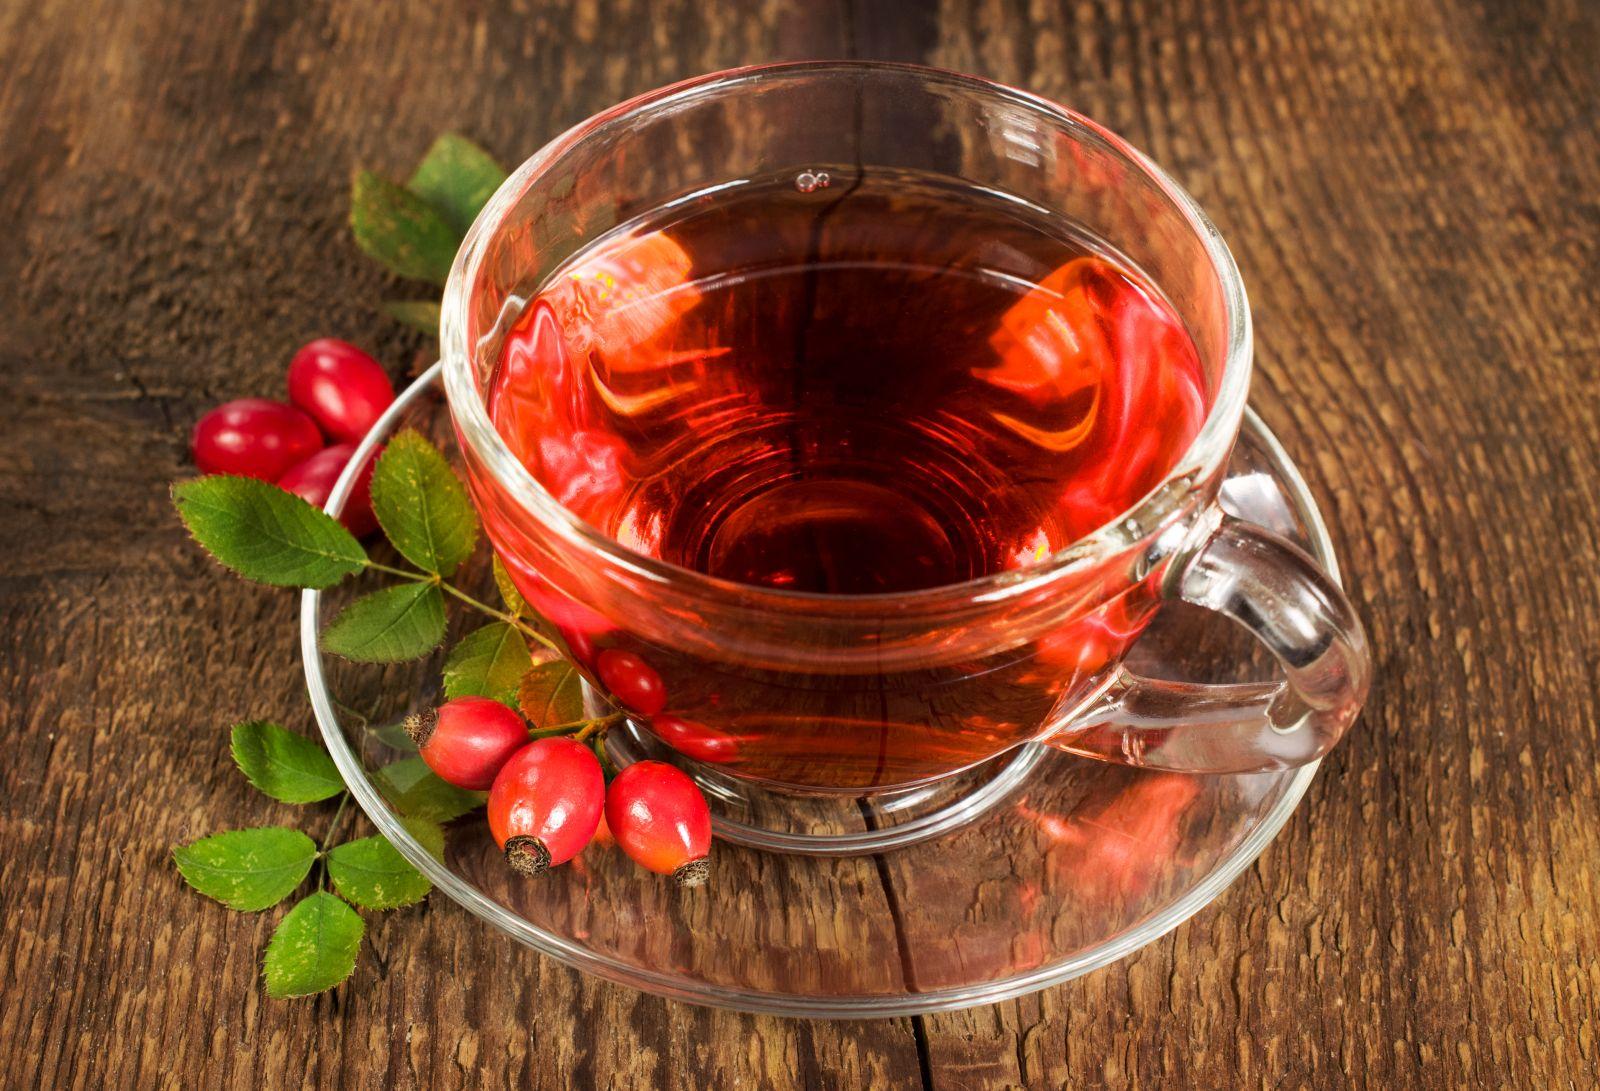 A csipkebogyó tea és olaj